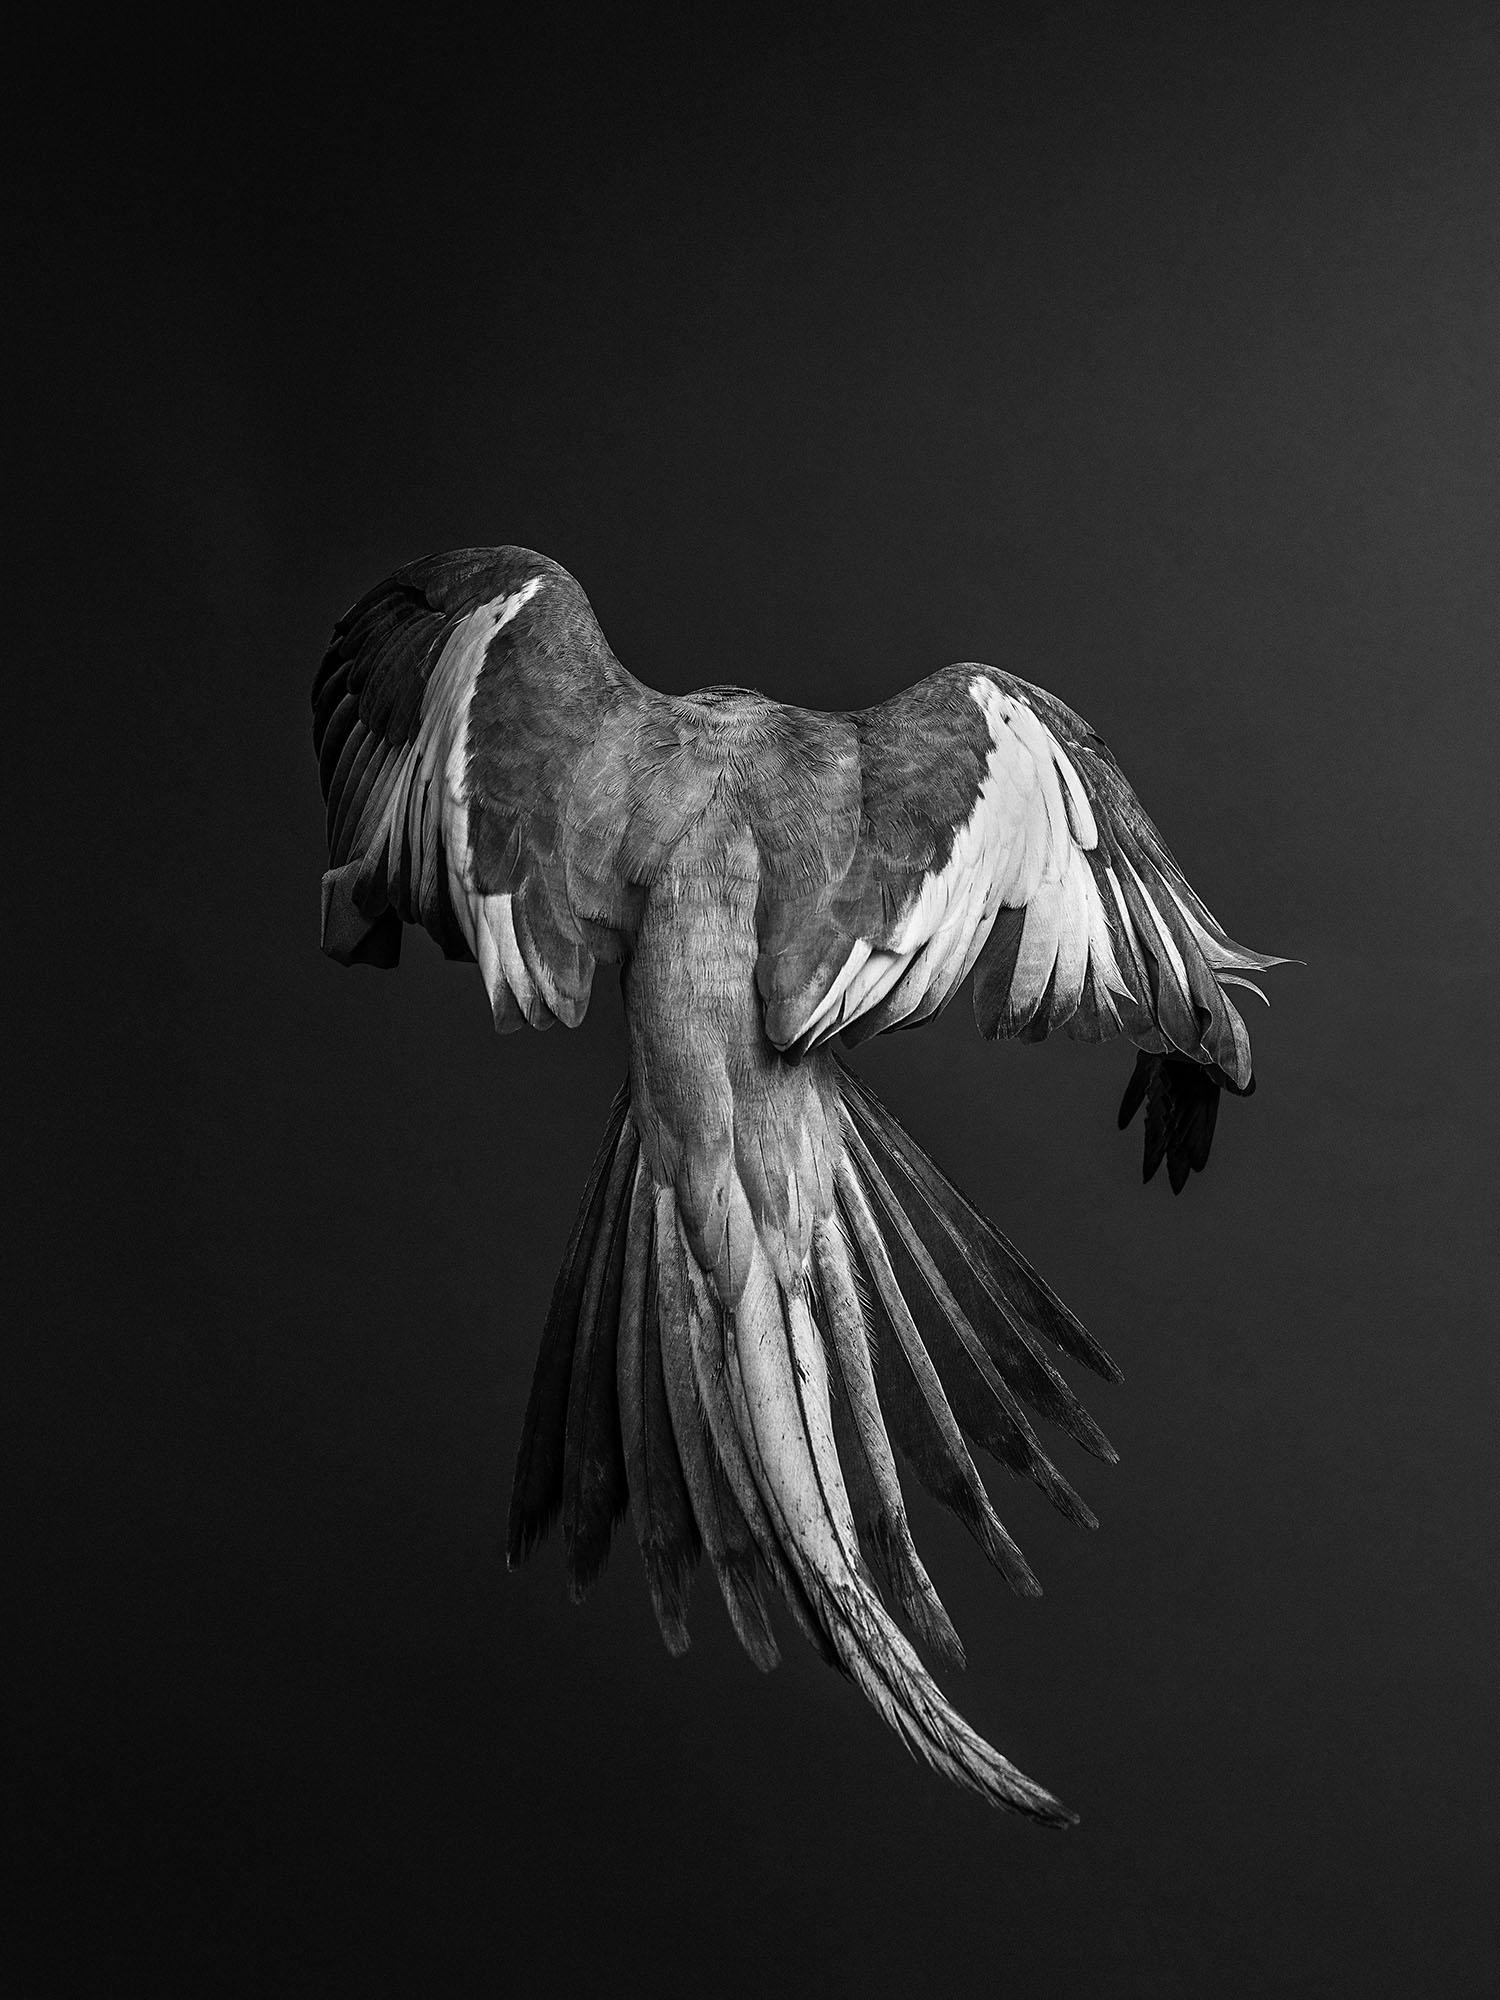 Cockatiel-Gary-Heery-Bird-Print